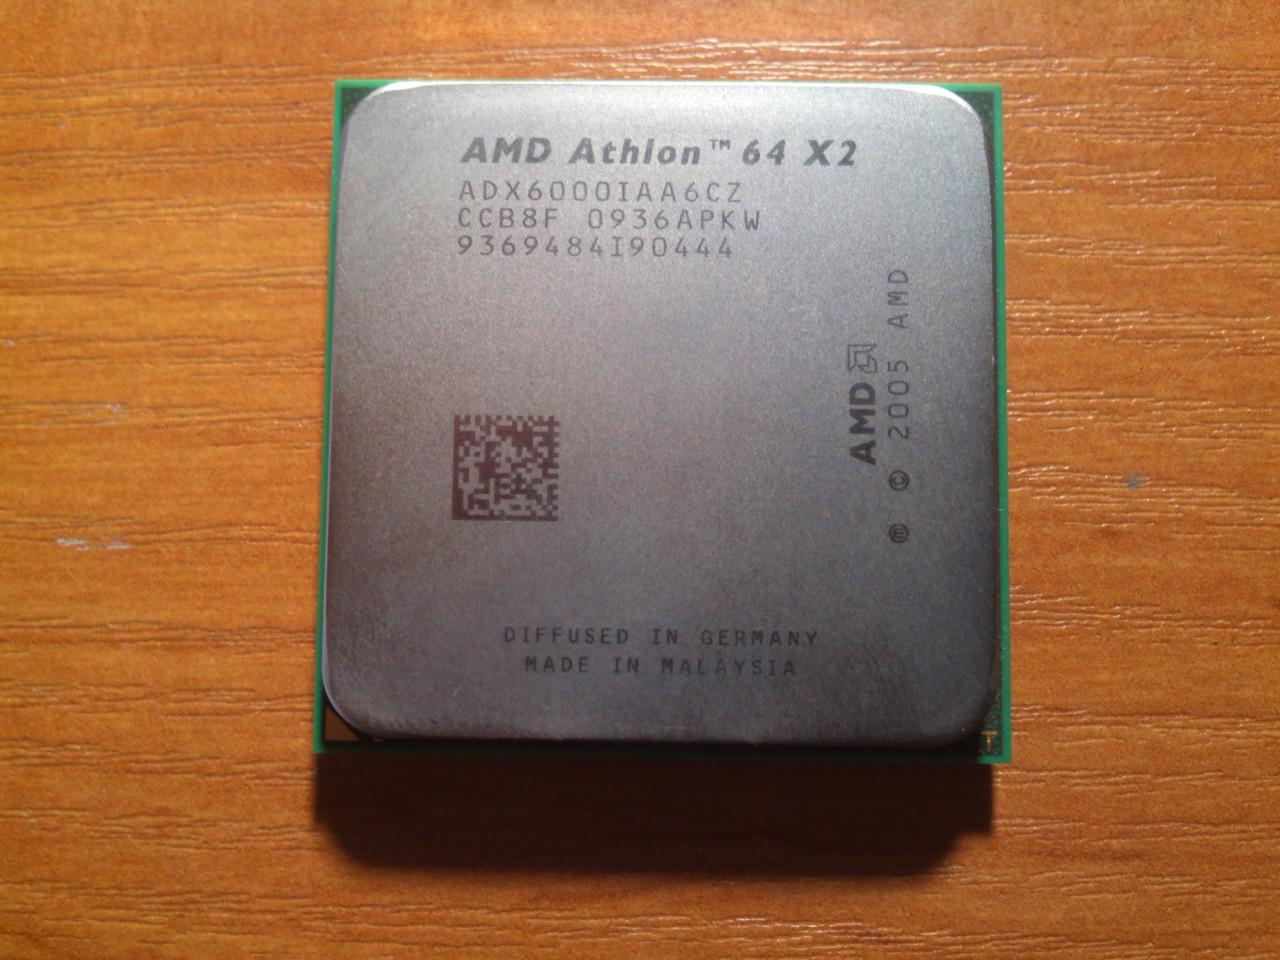 AMD Athlon 64 X2 6000+ ADX6000IAA6CZ Гарантия!